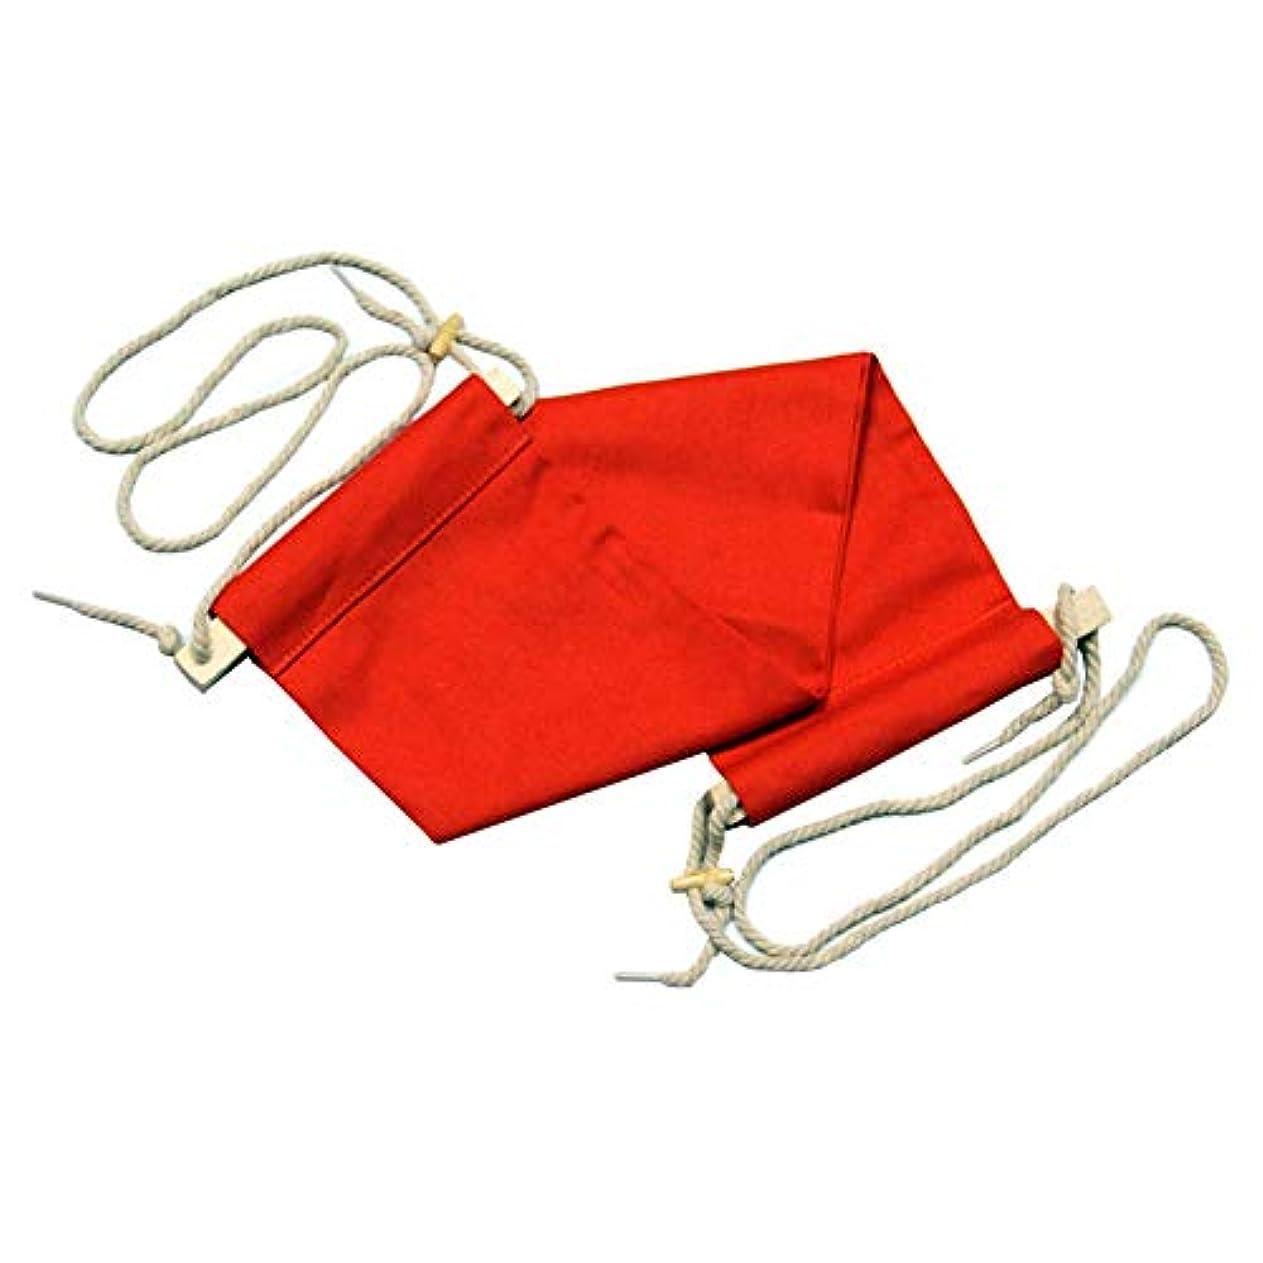 乗ってディレクトリ棚(Navy/Green/Orange) - FUUT - Put your foot up on the hammock under the desk comfortable for Your foot Colour in...